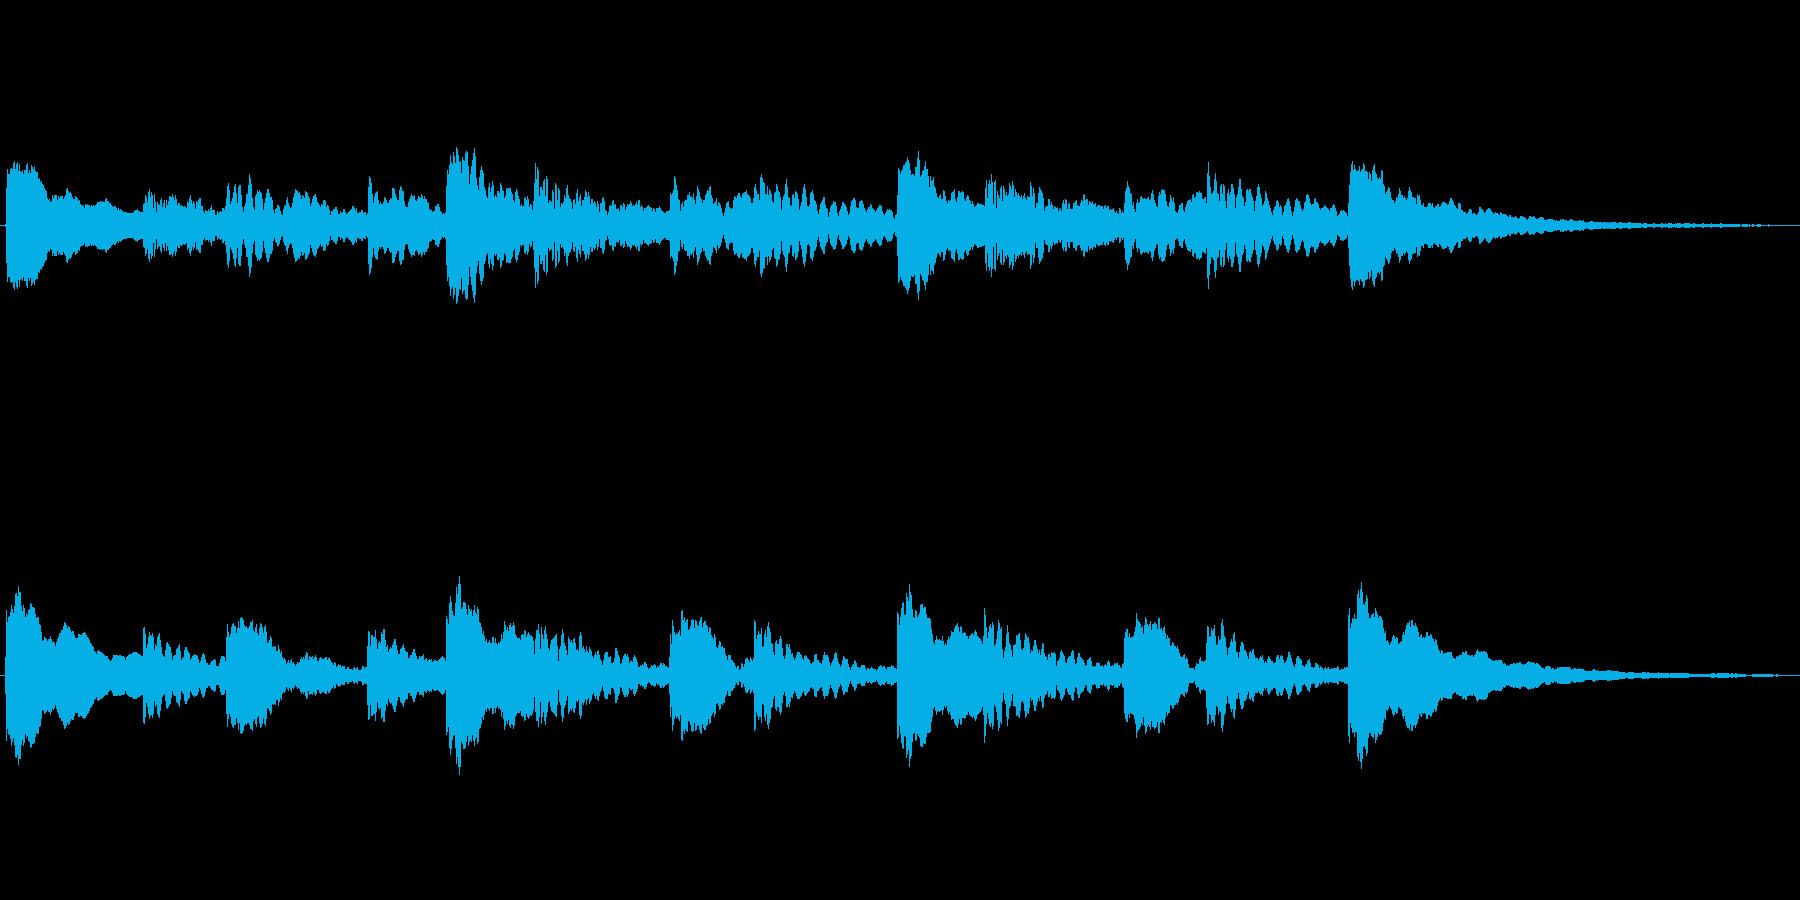 半音階(混乱・困惑・考え中)の再生済みの波形